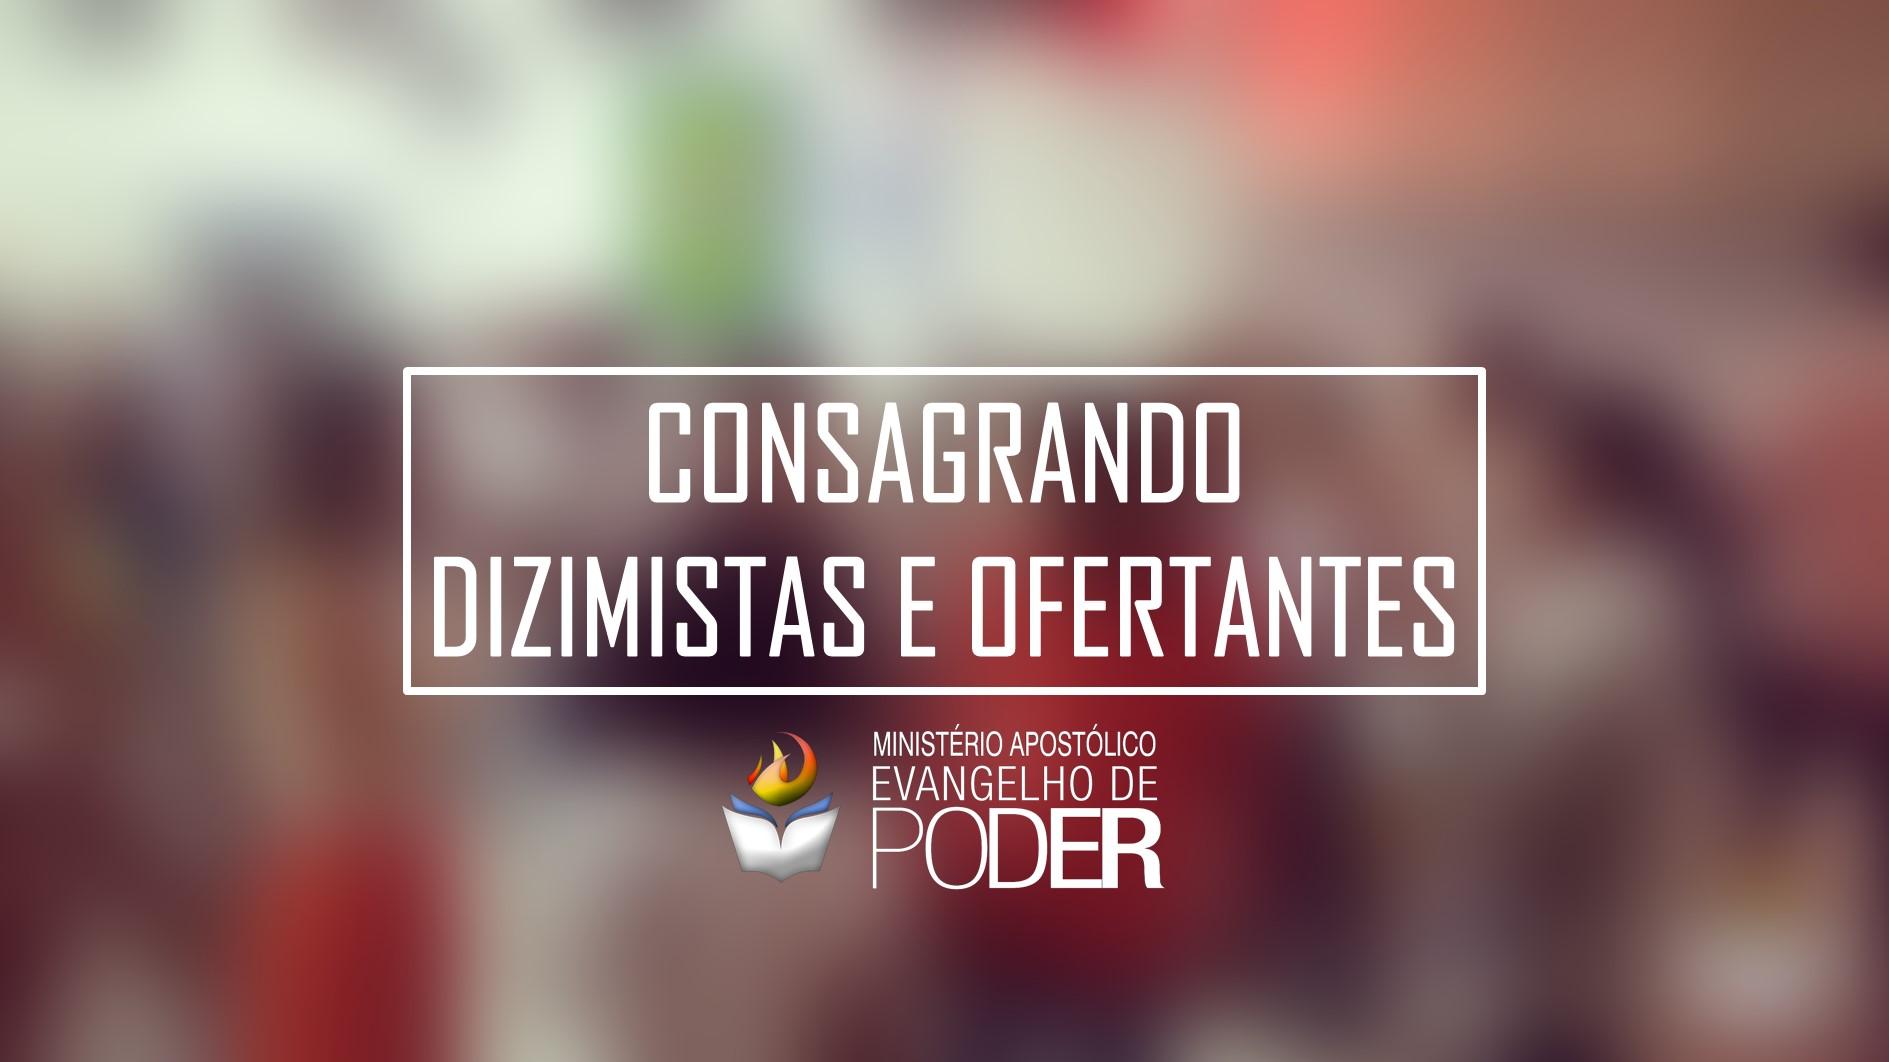 CONSAGRANDO DIZIMISTAS E OFERTANTES